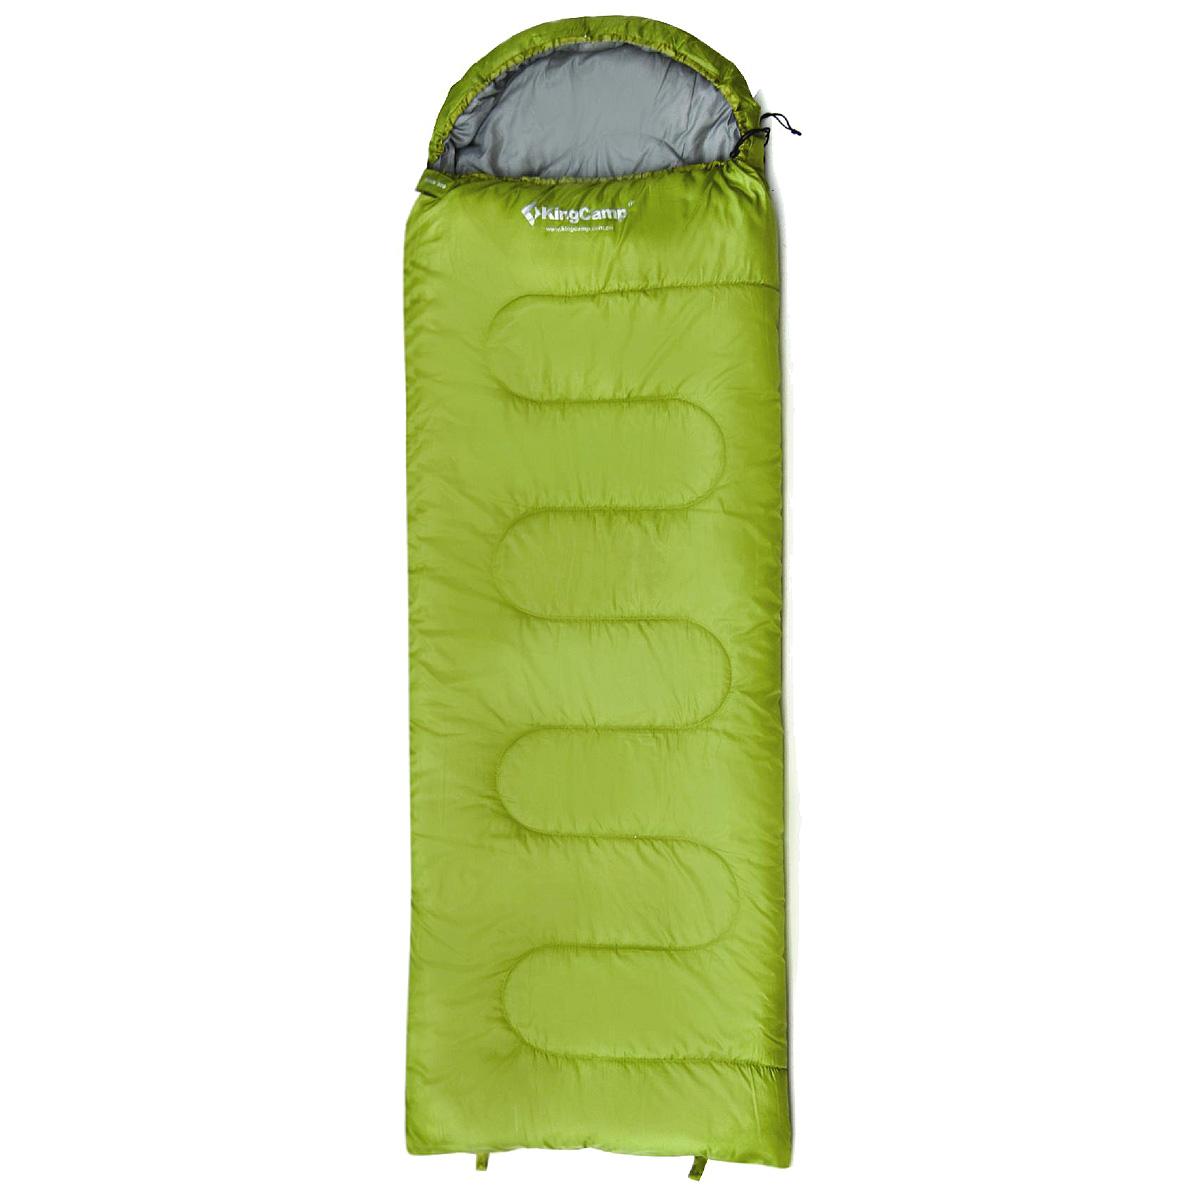 Спальный мешок-одеяло KingCamp Oasis 300 KS3151, левосторонняя молния, цвет: зеленыйУТ-000050572Комфортный спальник-одеяло имеет прямоугольную форму и одинаковую ширину как вверху, так и внизу, благодаря чему ноги чувствуют себя более свободно. Молния располагается на боковой стороне, благодаря чему при её расстёгивании спальник превращается в довольно большое одеяло.